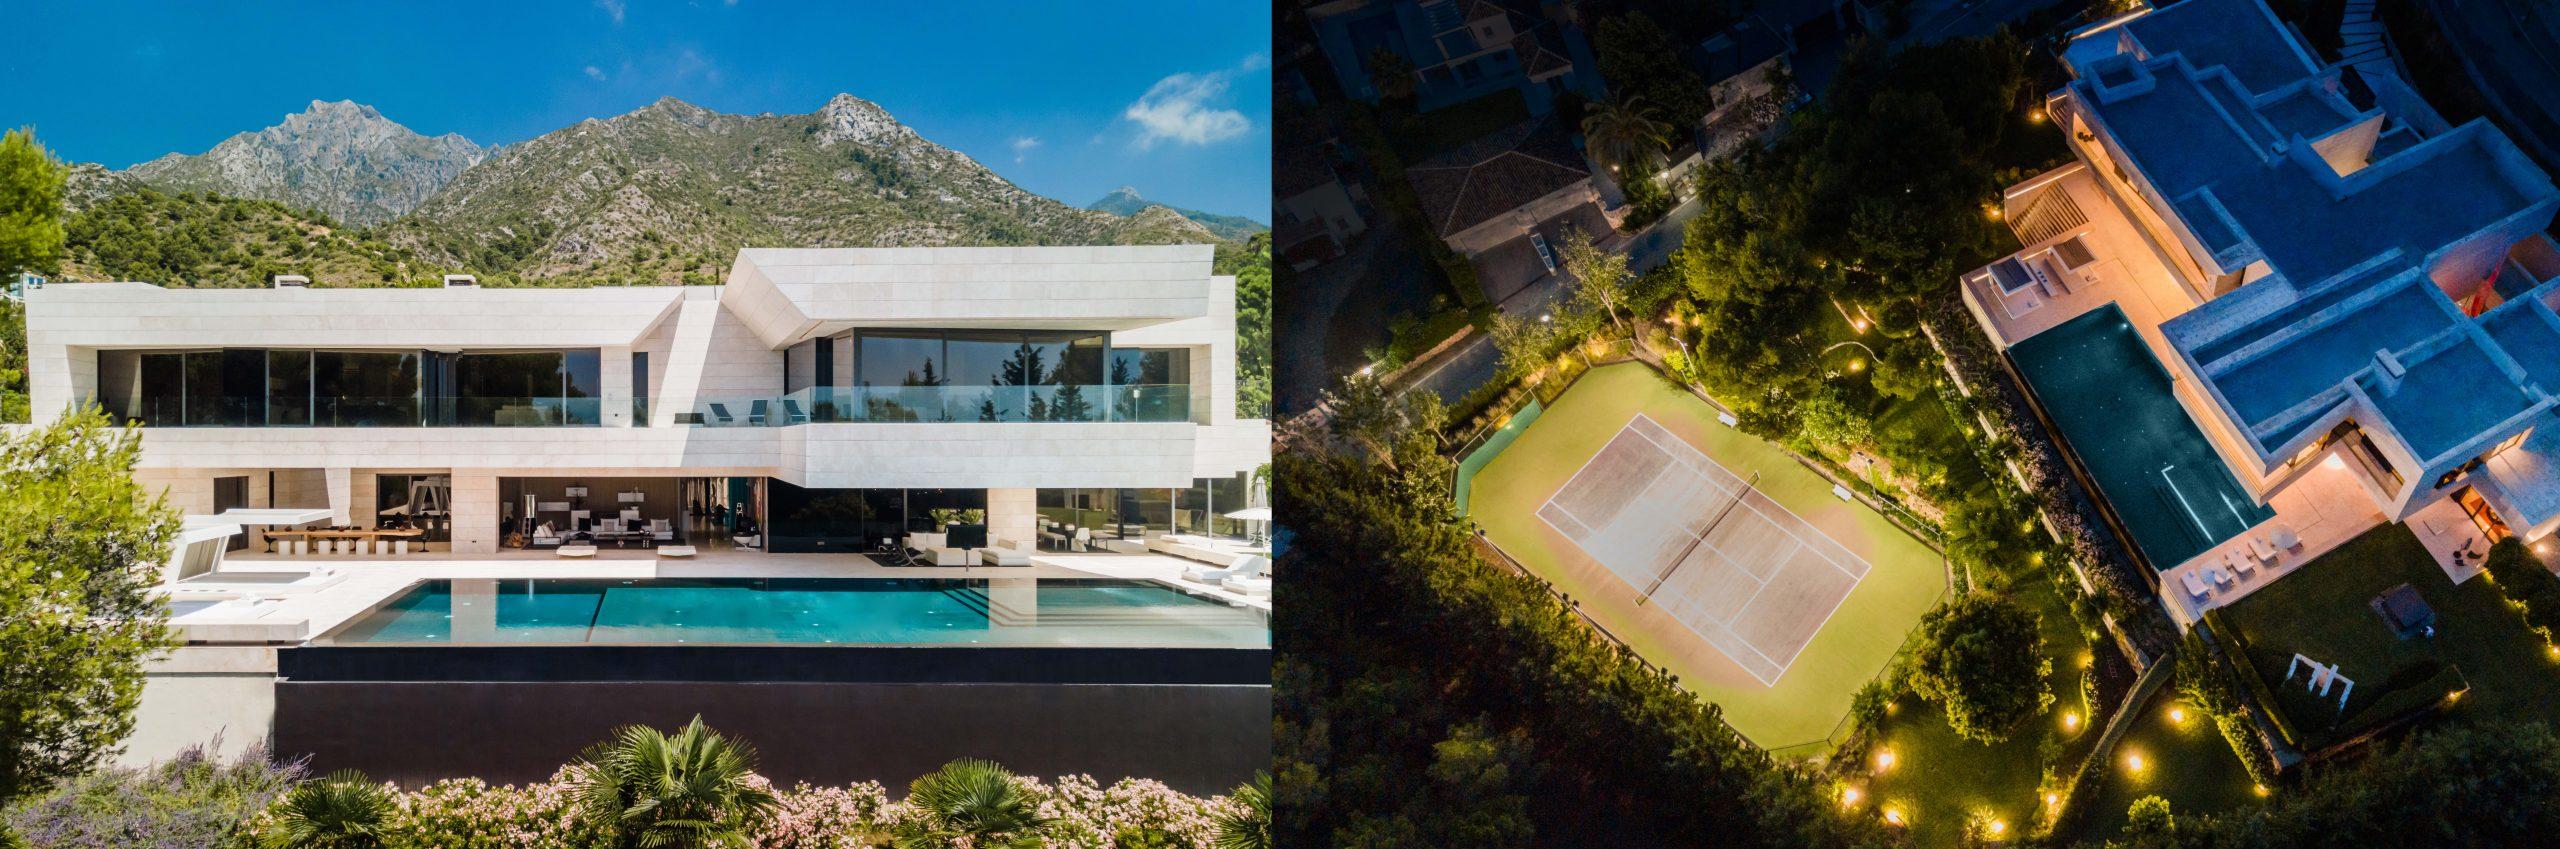 Villa El Nido i Cascada de Camojan, Marbella Golden Mile